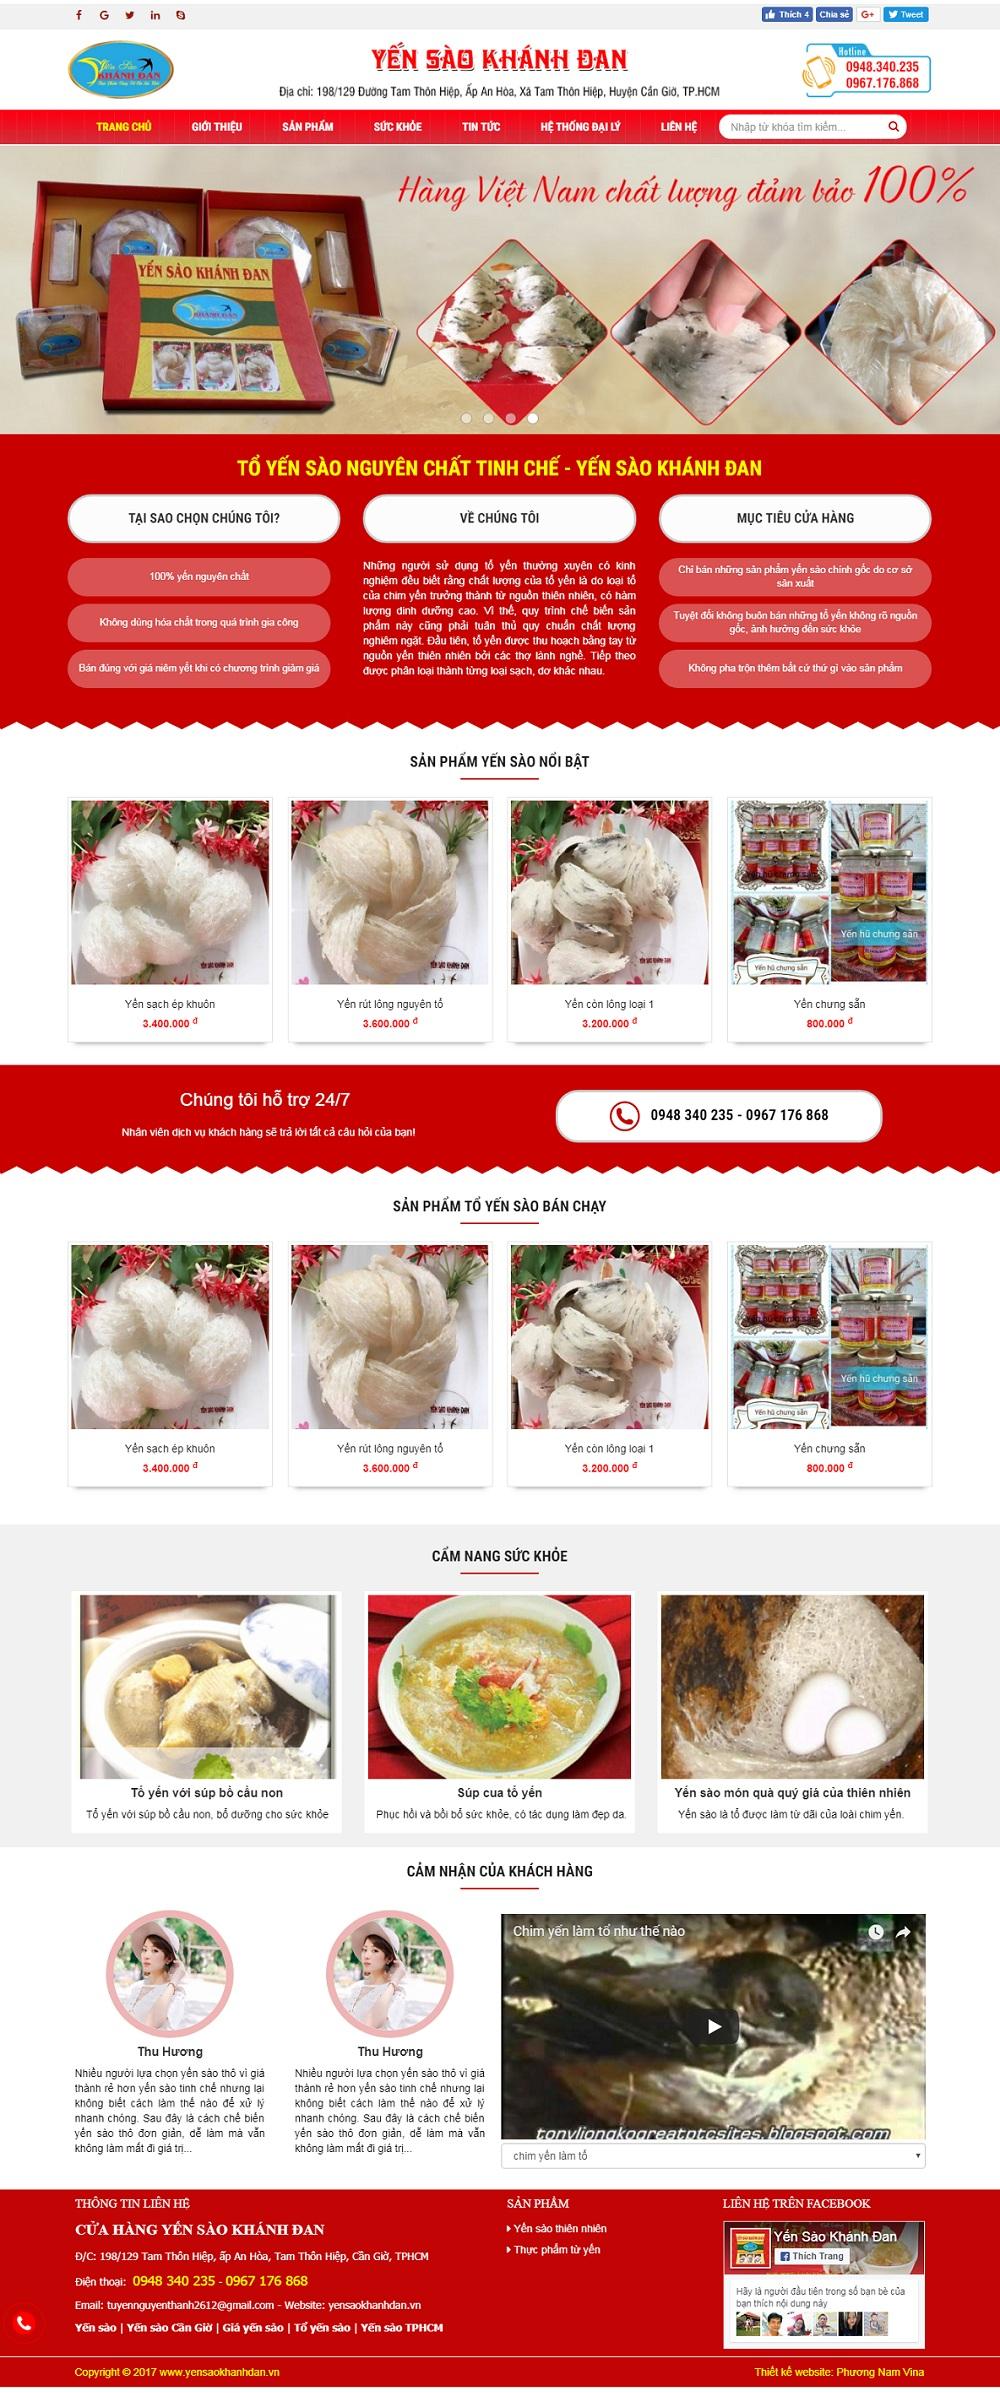 Mẫu website bán hàng yến sào - MS55